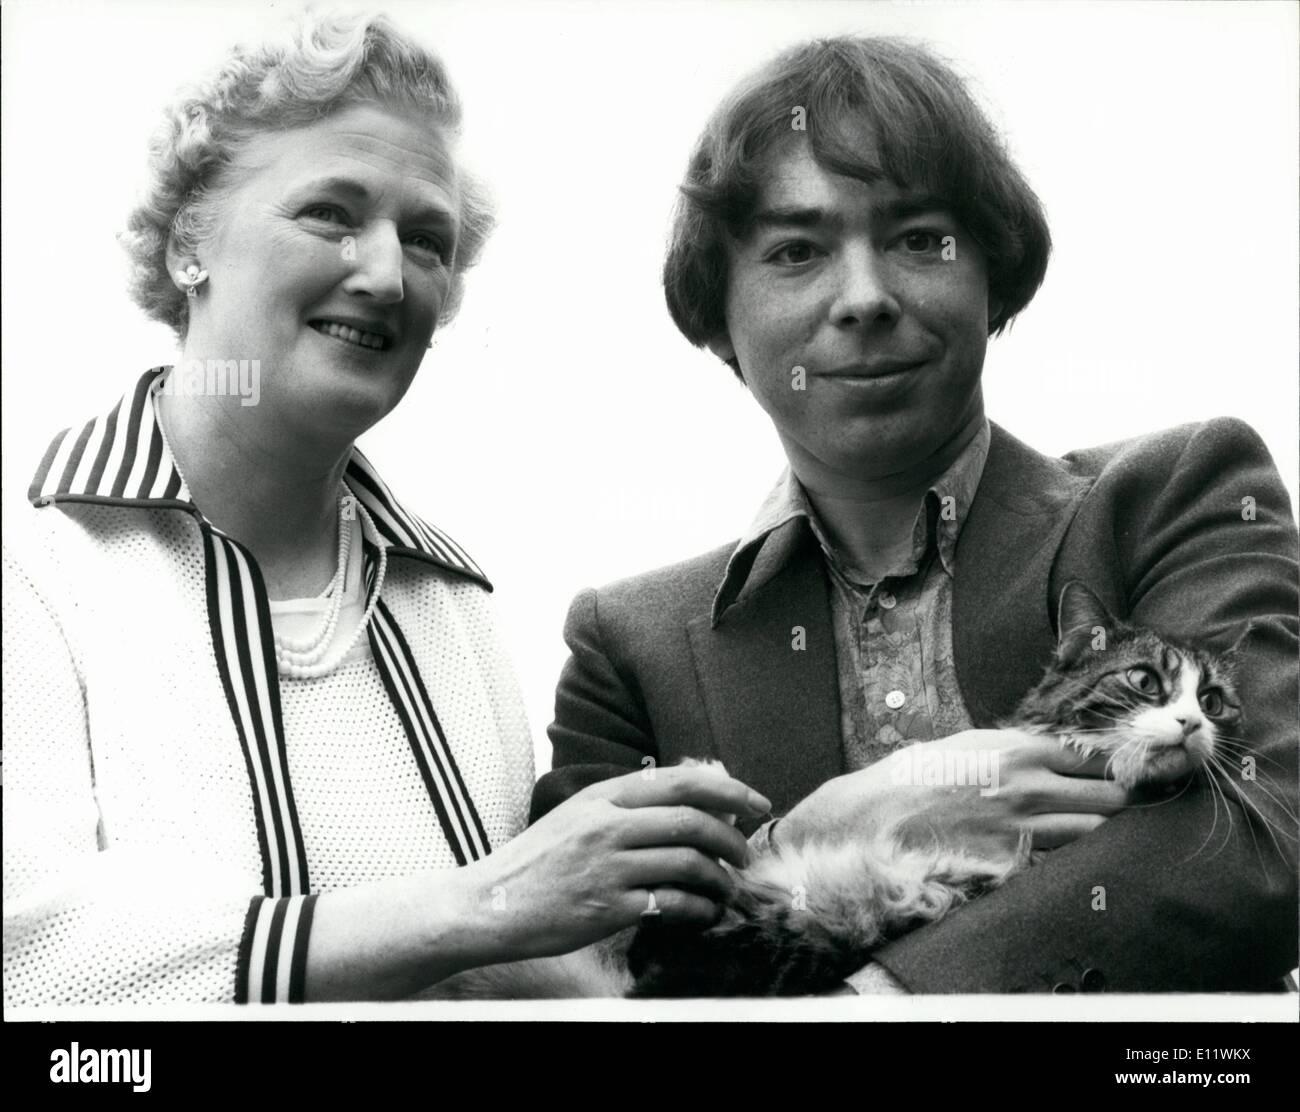 Sept. 09, 1980 - neue LLOYD WEBBER MUSICAL für WEST END '' Katzen '' ist der Titel des neuen Musical von Andrew Lloyd Webber heute angekündigt. Die erste von ihm musikalischen Westend werden da die Award-Winning '' Evita'' in London im Juni 1978 eröffnet. Inspiriert durch Gedichte öffnen beide veröffentlichten und unveröffentlichten von T S Eliot, einschließlich der international berühmten '' alten Opossums Buch der praktischen Katzen '', Itvis geplant, in London im April 1981. Die neue Show wird unter der Regie von Trevor Nunn von der Royal Shakespeare Company und choreographiert von Billian Lynne Stockfoto